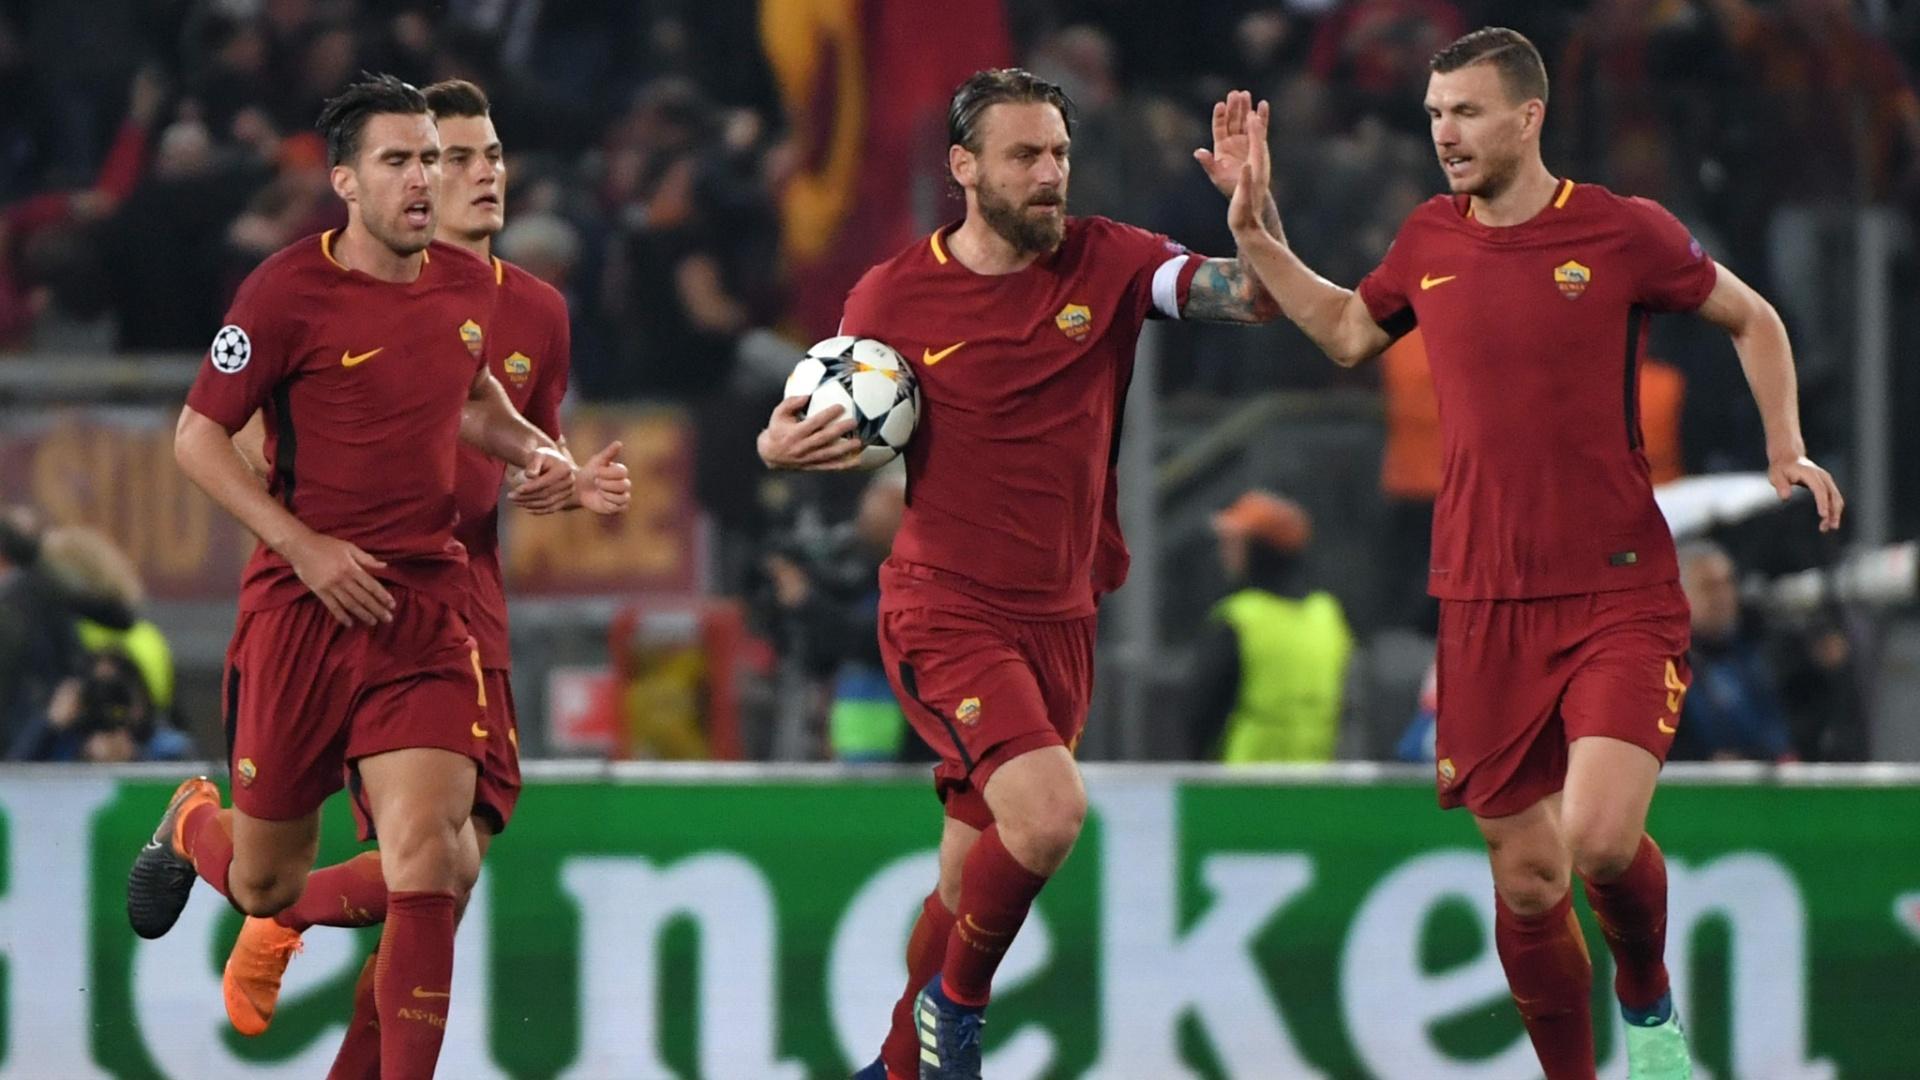 De Rossi comemora após marcar o segundo gol da Roma contra o Barcelona